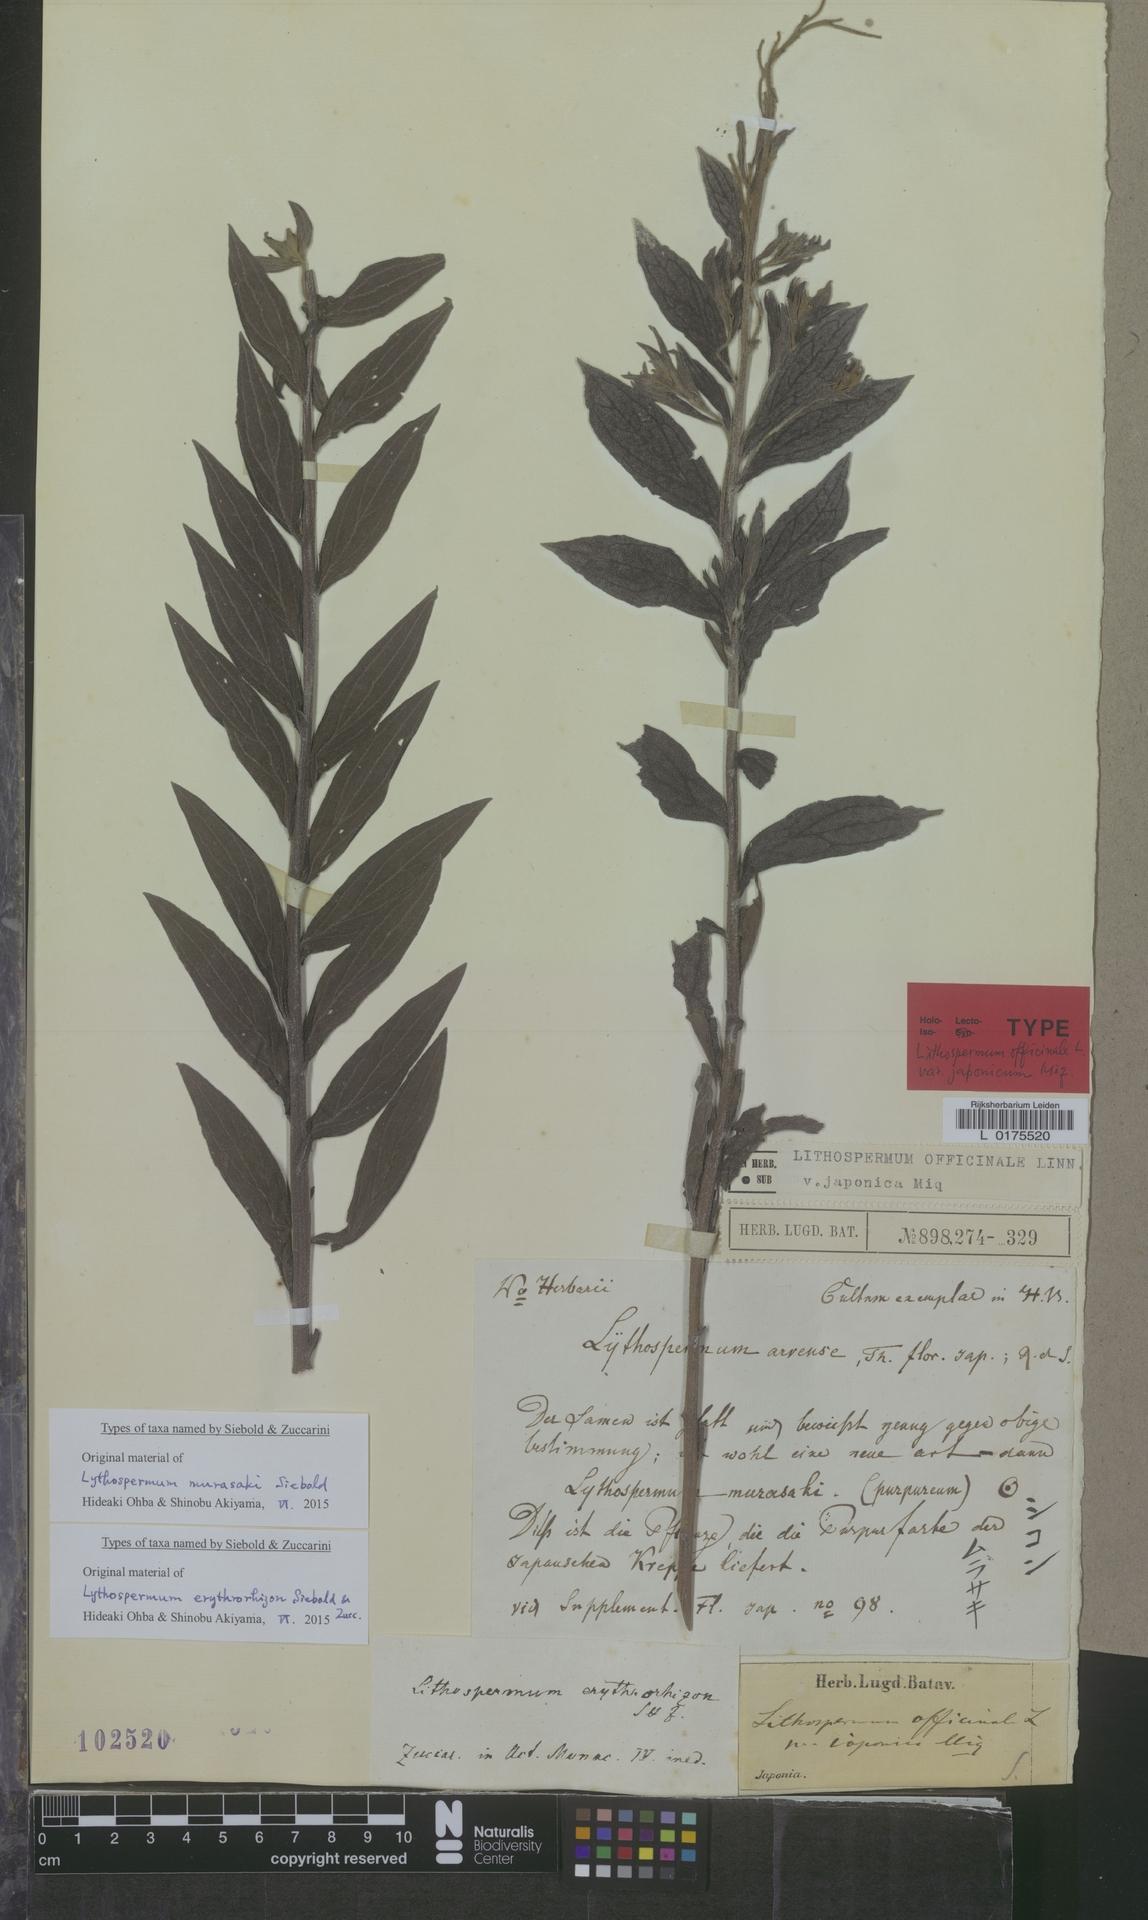 L  0175520 | Lithospermum officinale var. japonica Miq.